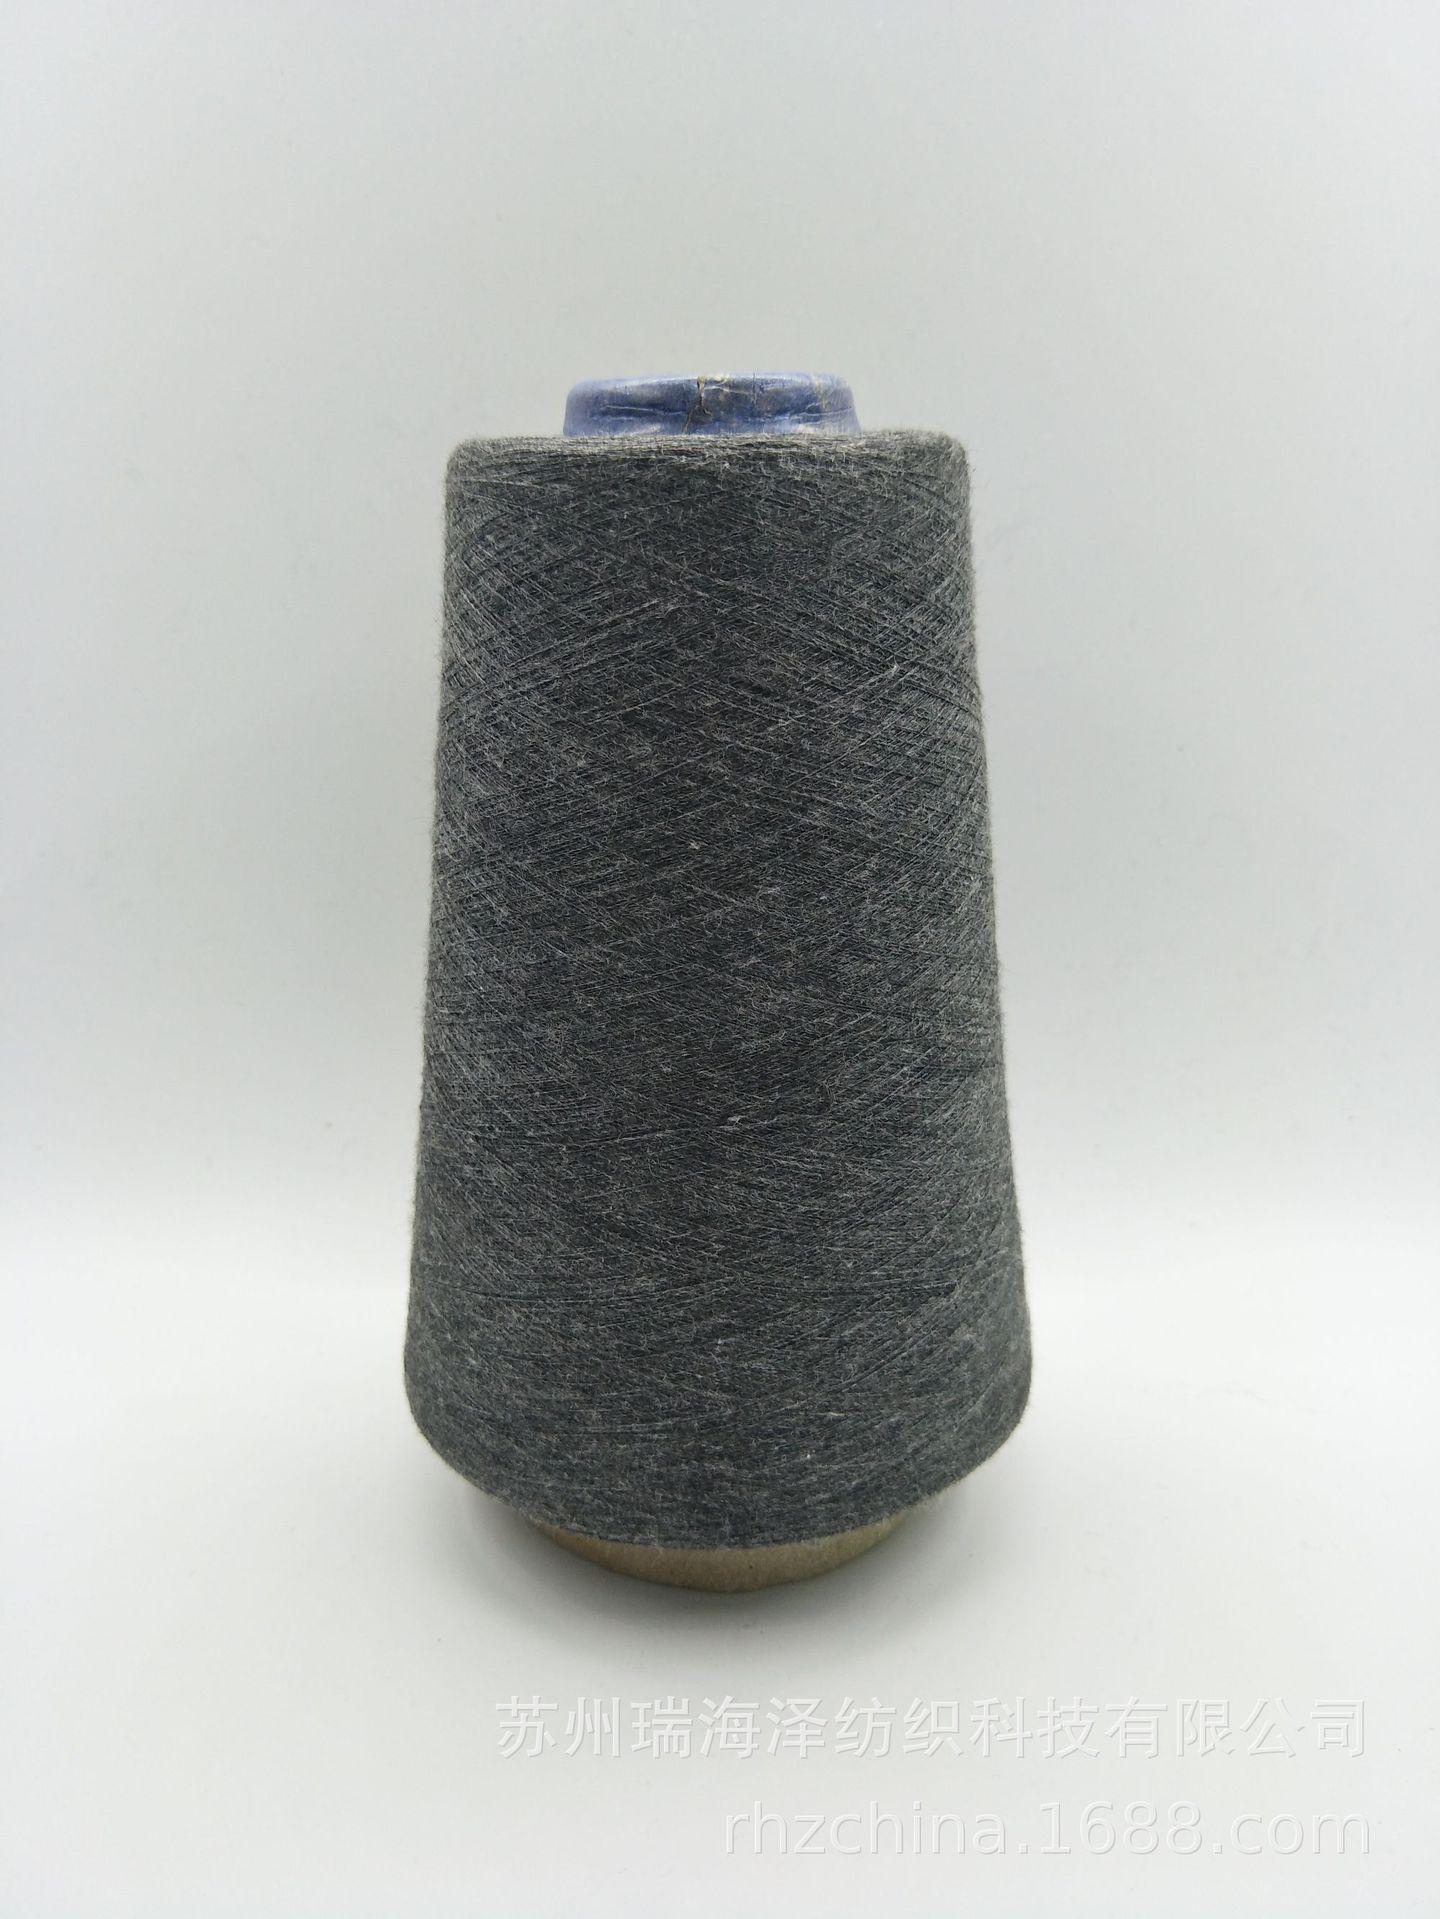 RUIHAIZE Sợi gai Sợi polyester / bông 32 sợi gai dầu TC32s sợi gai 65353 sợi bông sợi polyester sợi